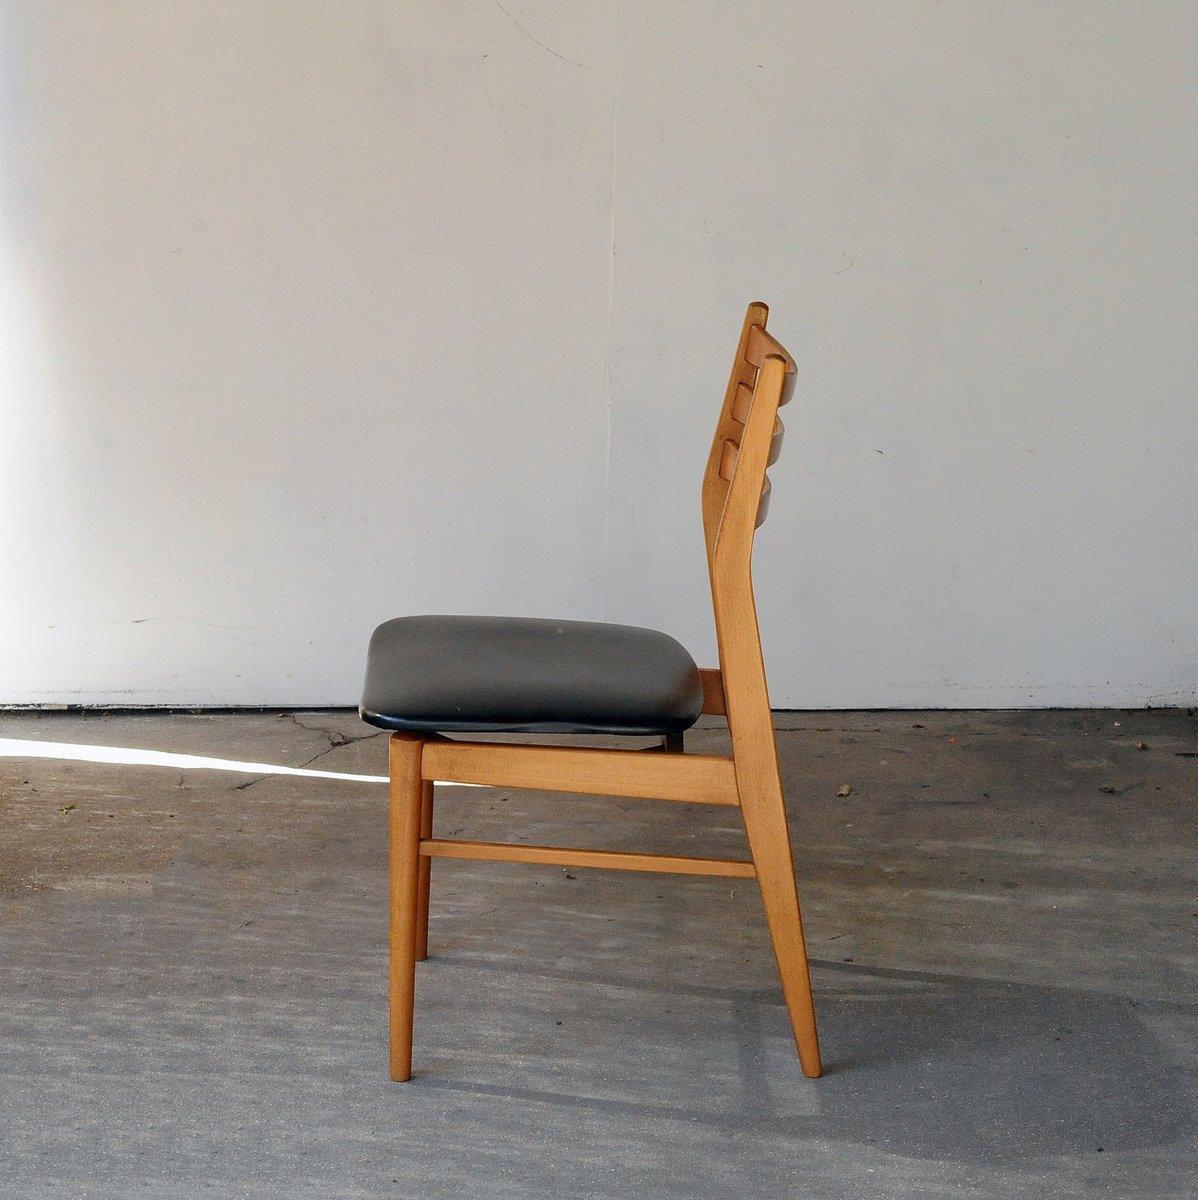 chaises de salle manger vintage en teck blond et ska scandinavie set de 4 en vente sur pamono. Black Bedroom Furniture Sets. Home Design Ideas